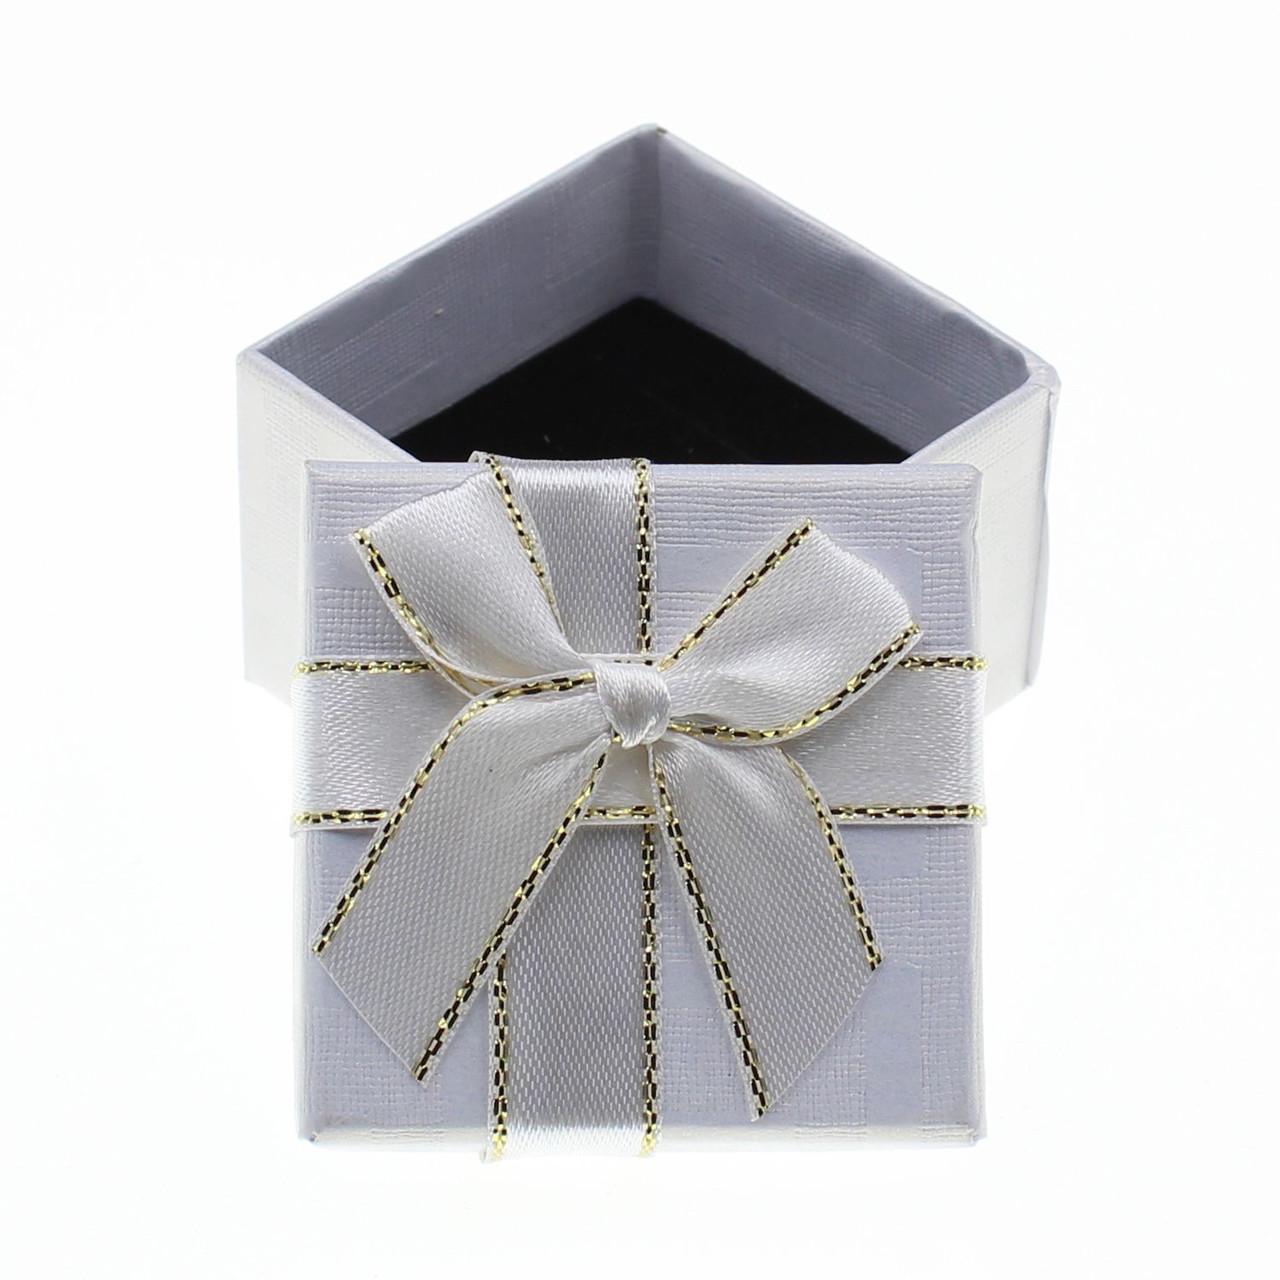 """Коробочка для кольца """"Геометрия с бантом под кольцо белая 5х5х3,5 см"""""""